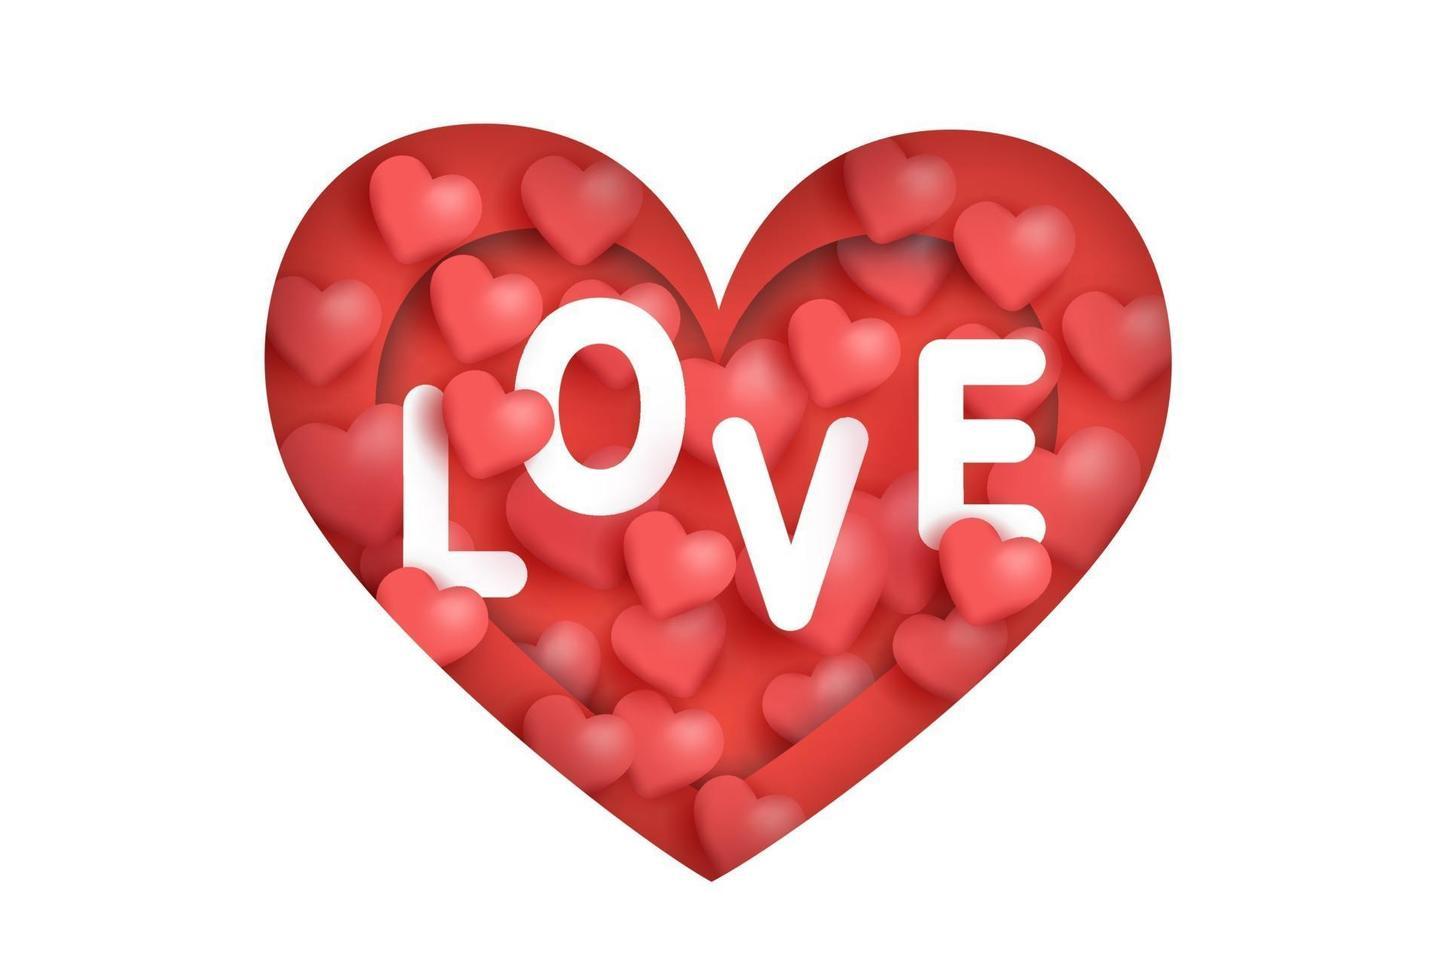 Alla hjärtans dag gratulationskort med kärleksord i hjärtat. vektor